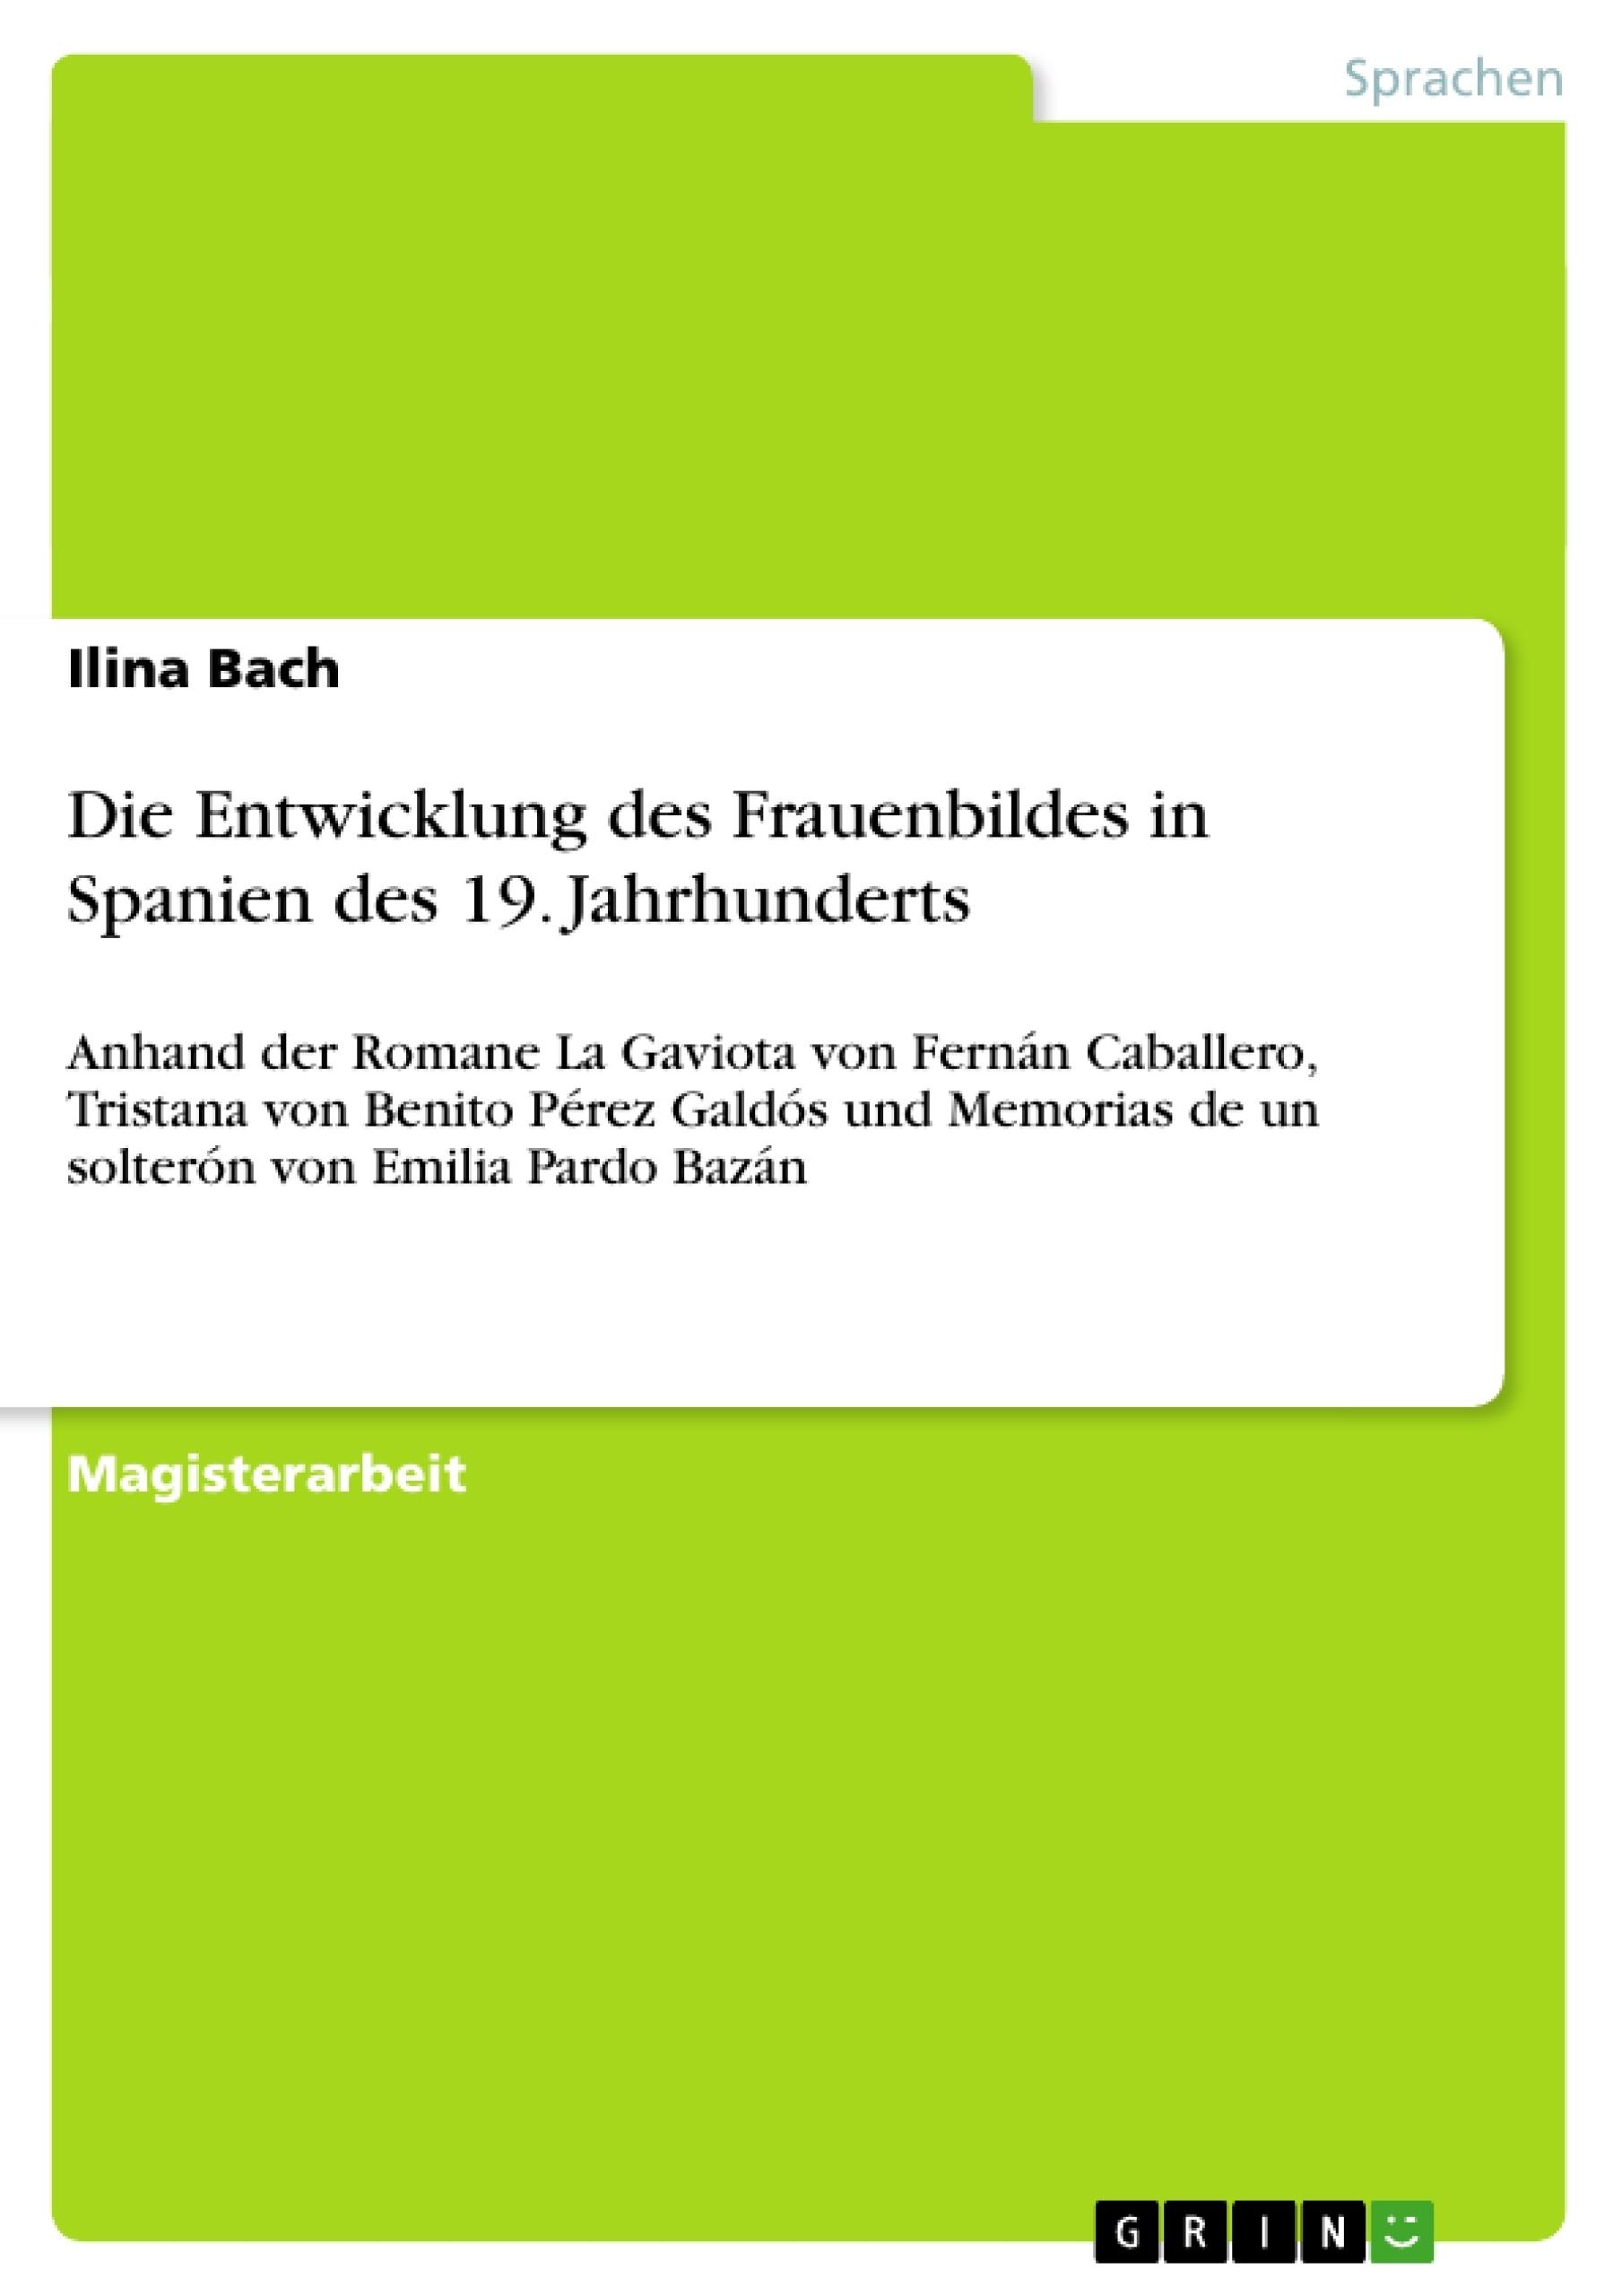 Titel: Die Entwicklung des Frauenbildes in Spanien des 19. Jahrhunderts